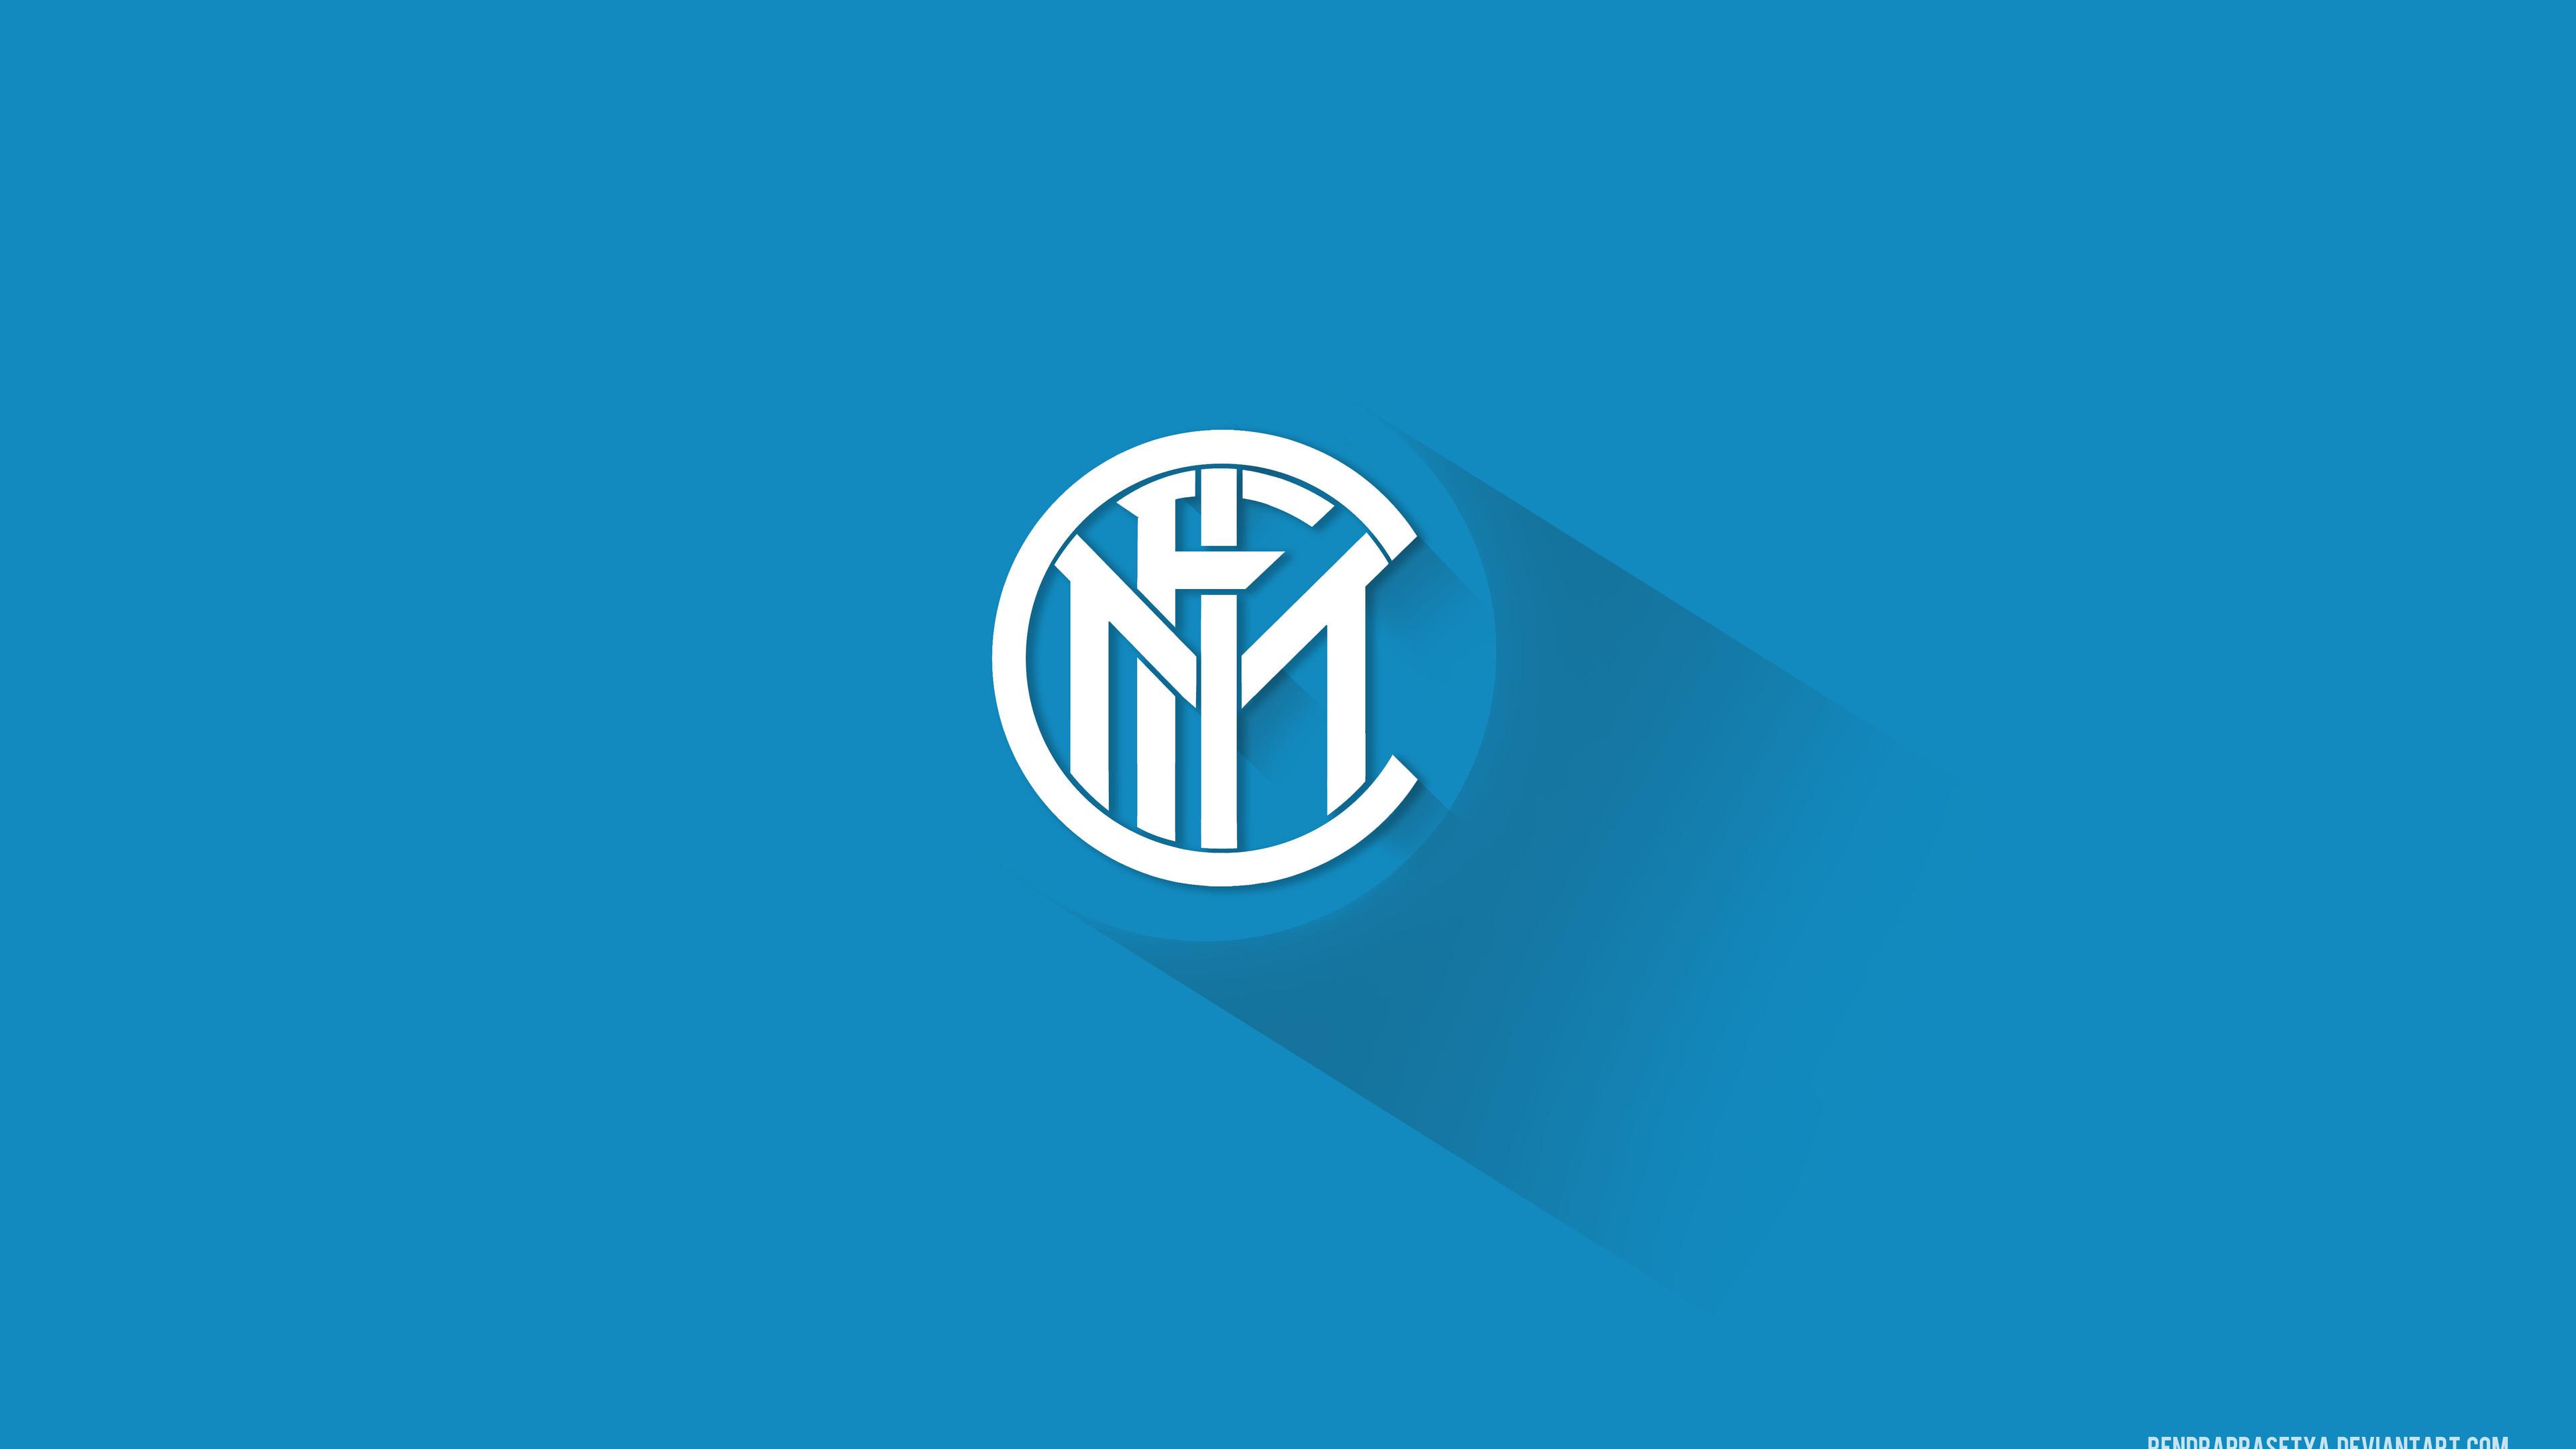 inter milan material design logo 5k 1540063635 - Inter Milan Material Design Logo 5k - sports wallpapers, soccer wallpapers, logo wallpapers, inter milan wallpapers, hd-wallpapers, football wallpapers, football club wallpapers, deviantart wallpapers